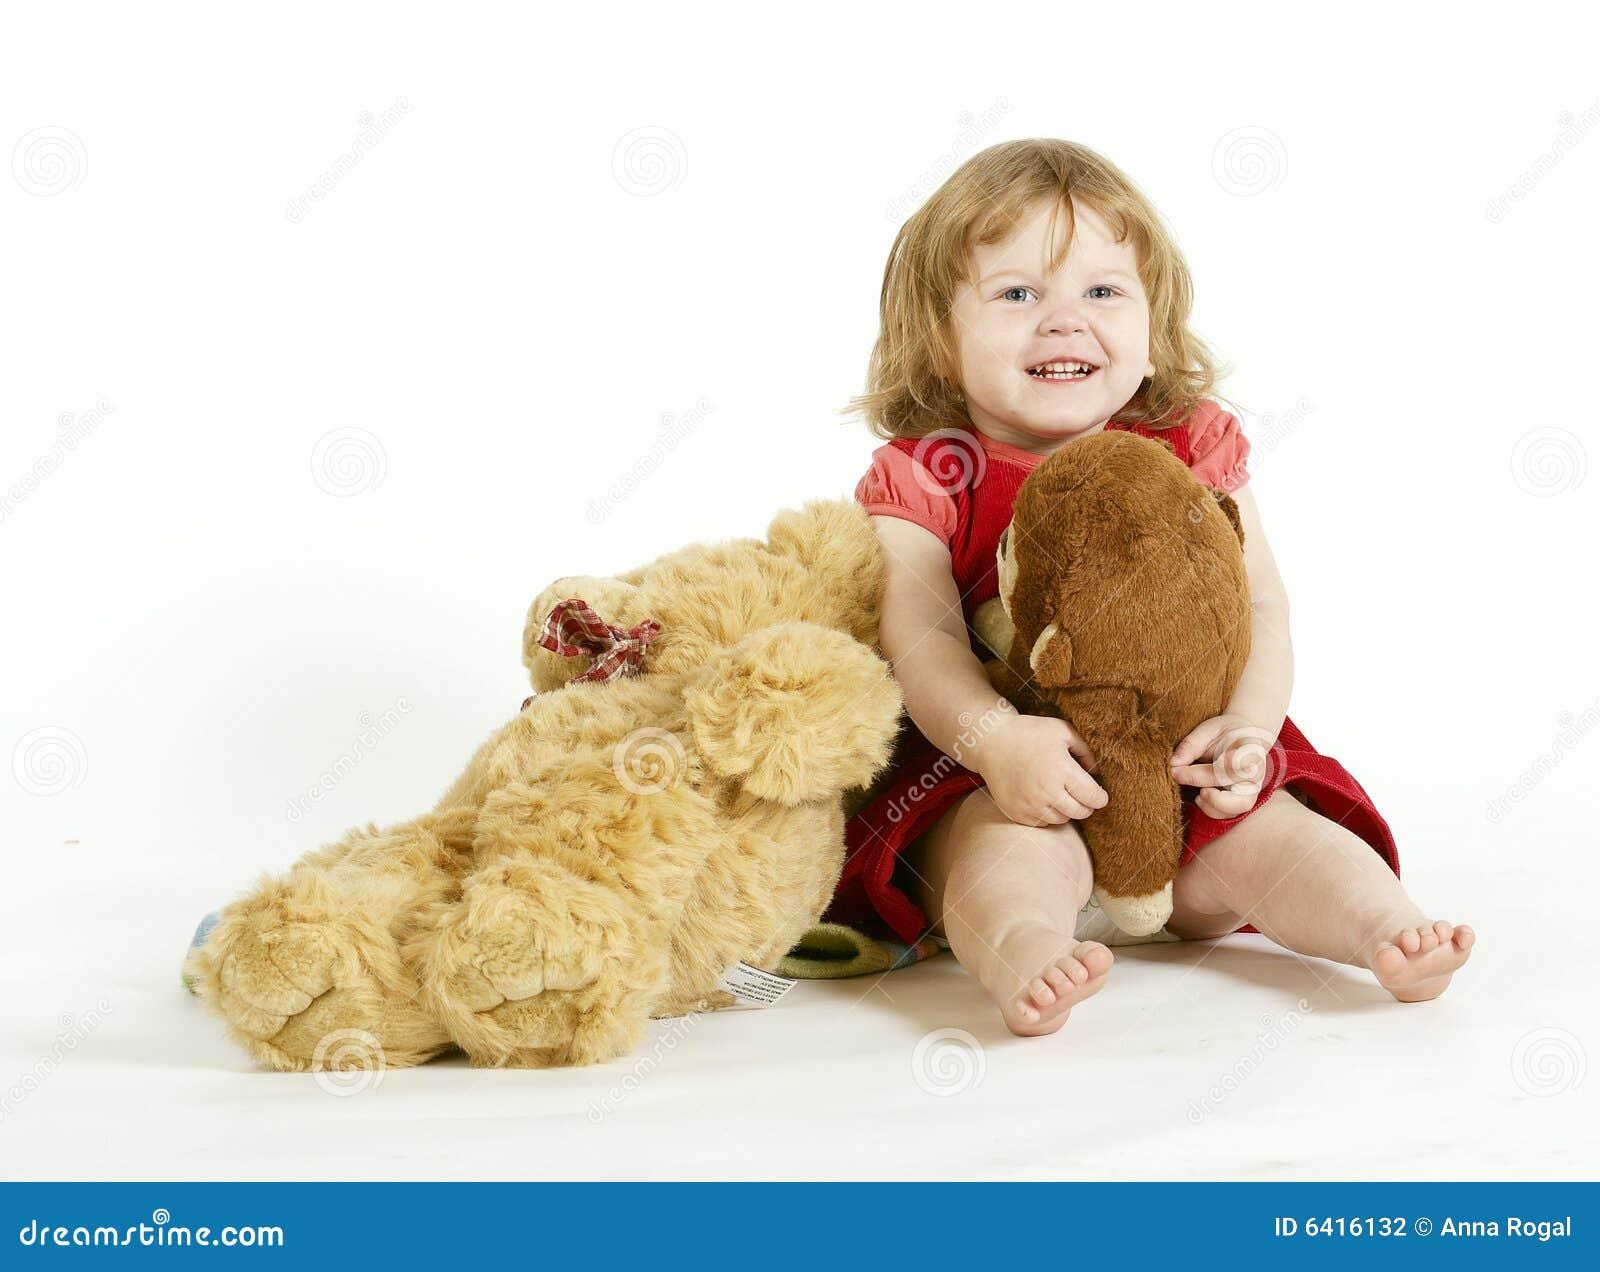 La niña sonriente con los juguetes de la felpa.